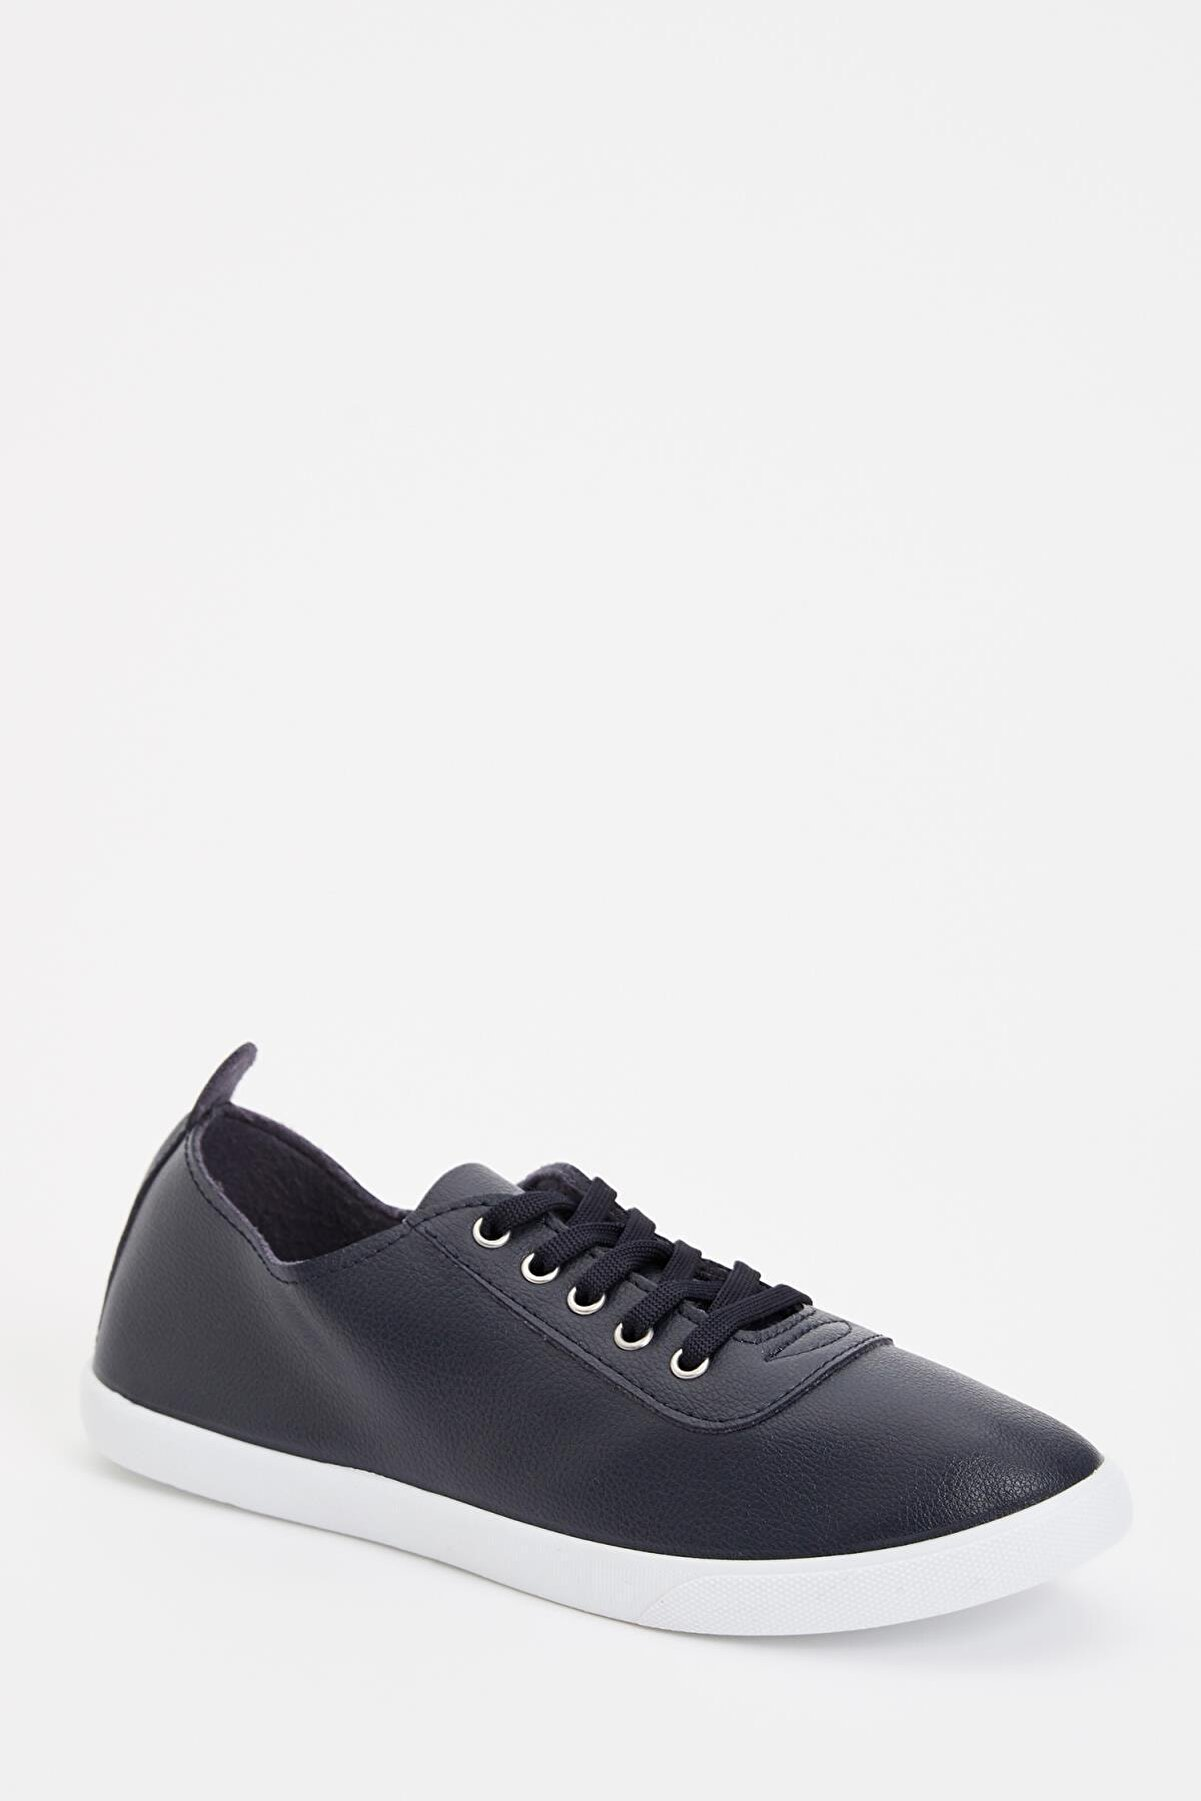 Defacto Kadın Lacivert Suni Deri Bağcıklı Sneaker Ayakkabı M0232AZ19AUNV